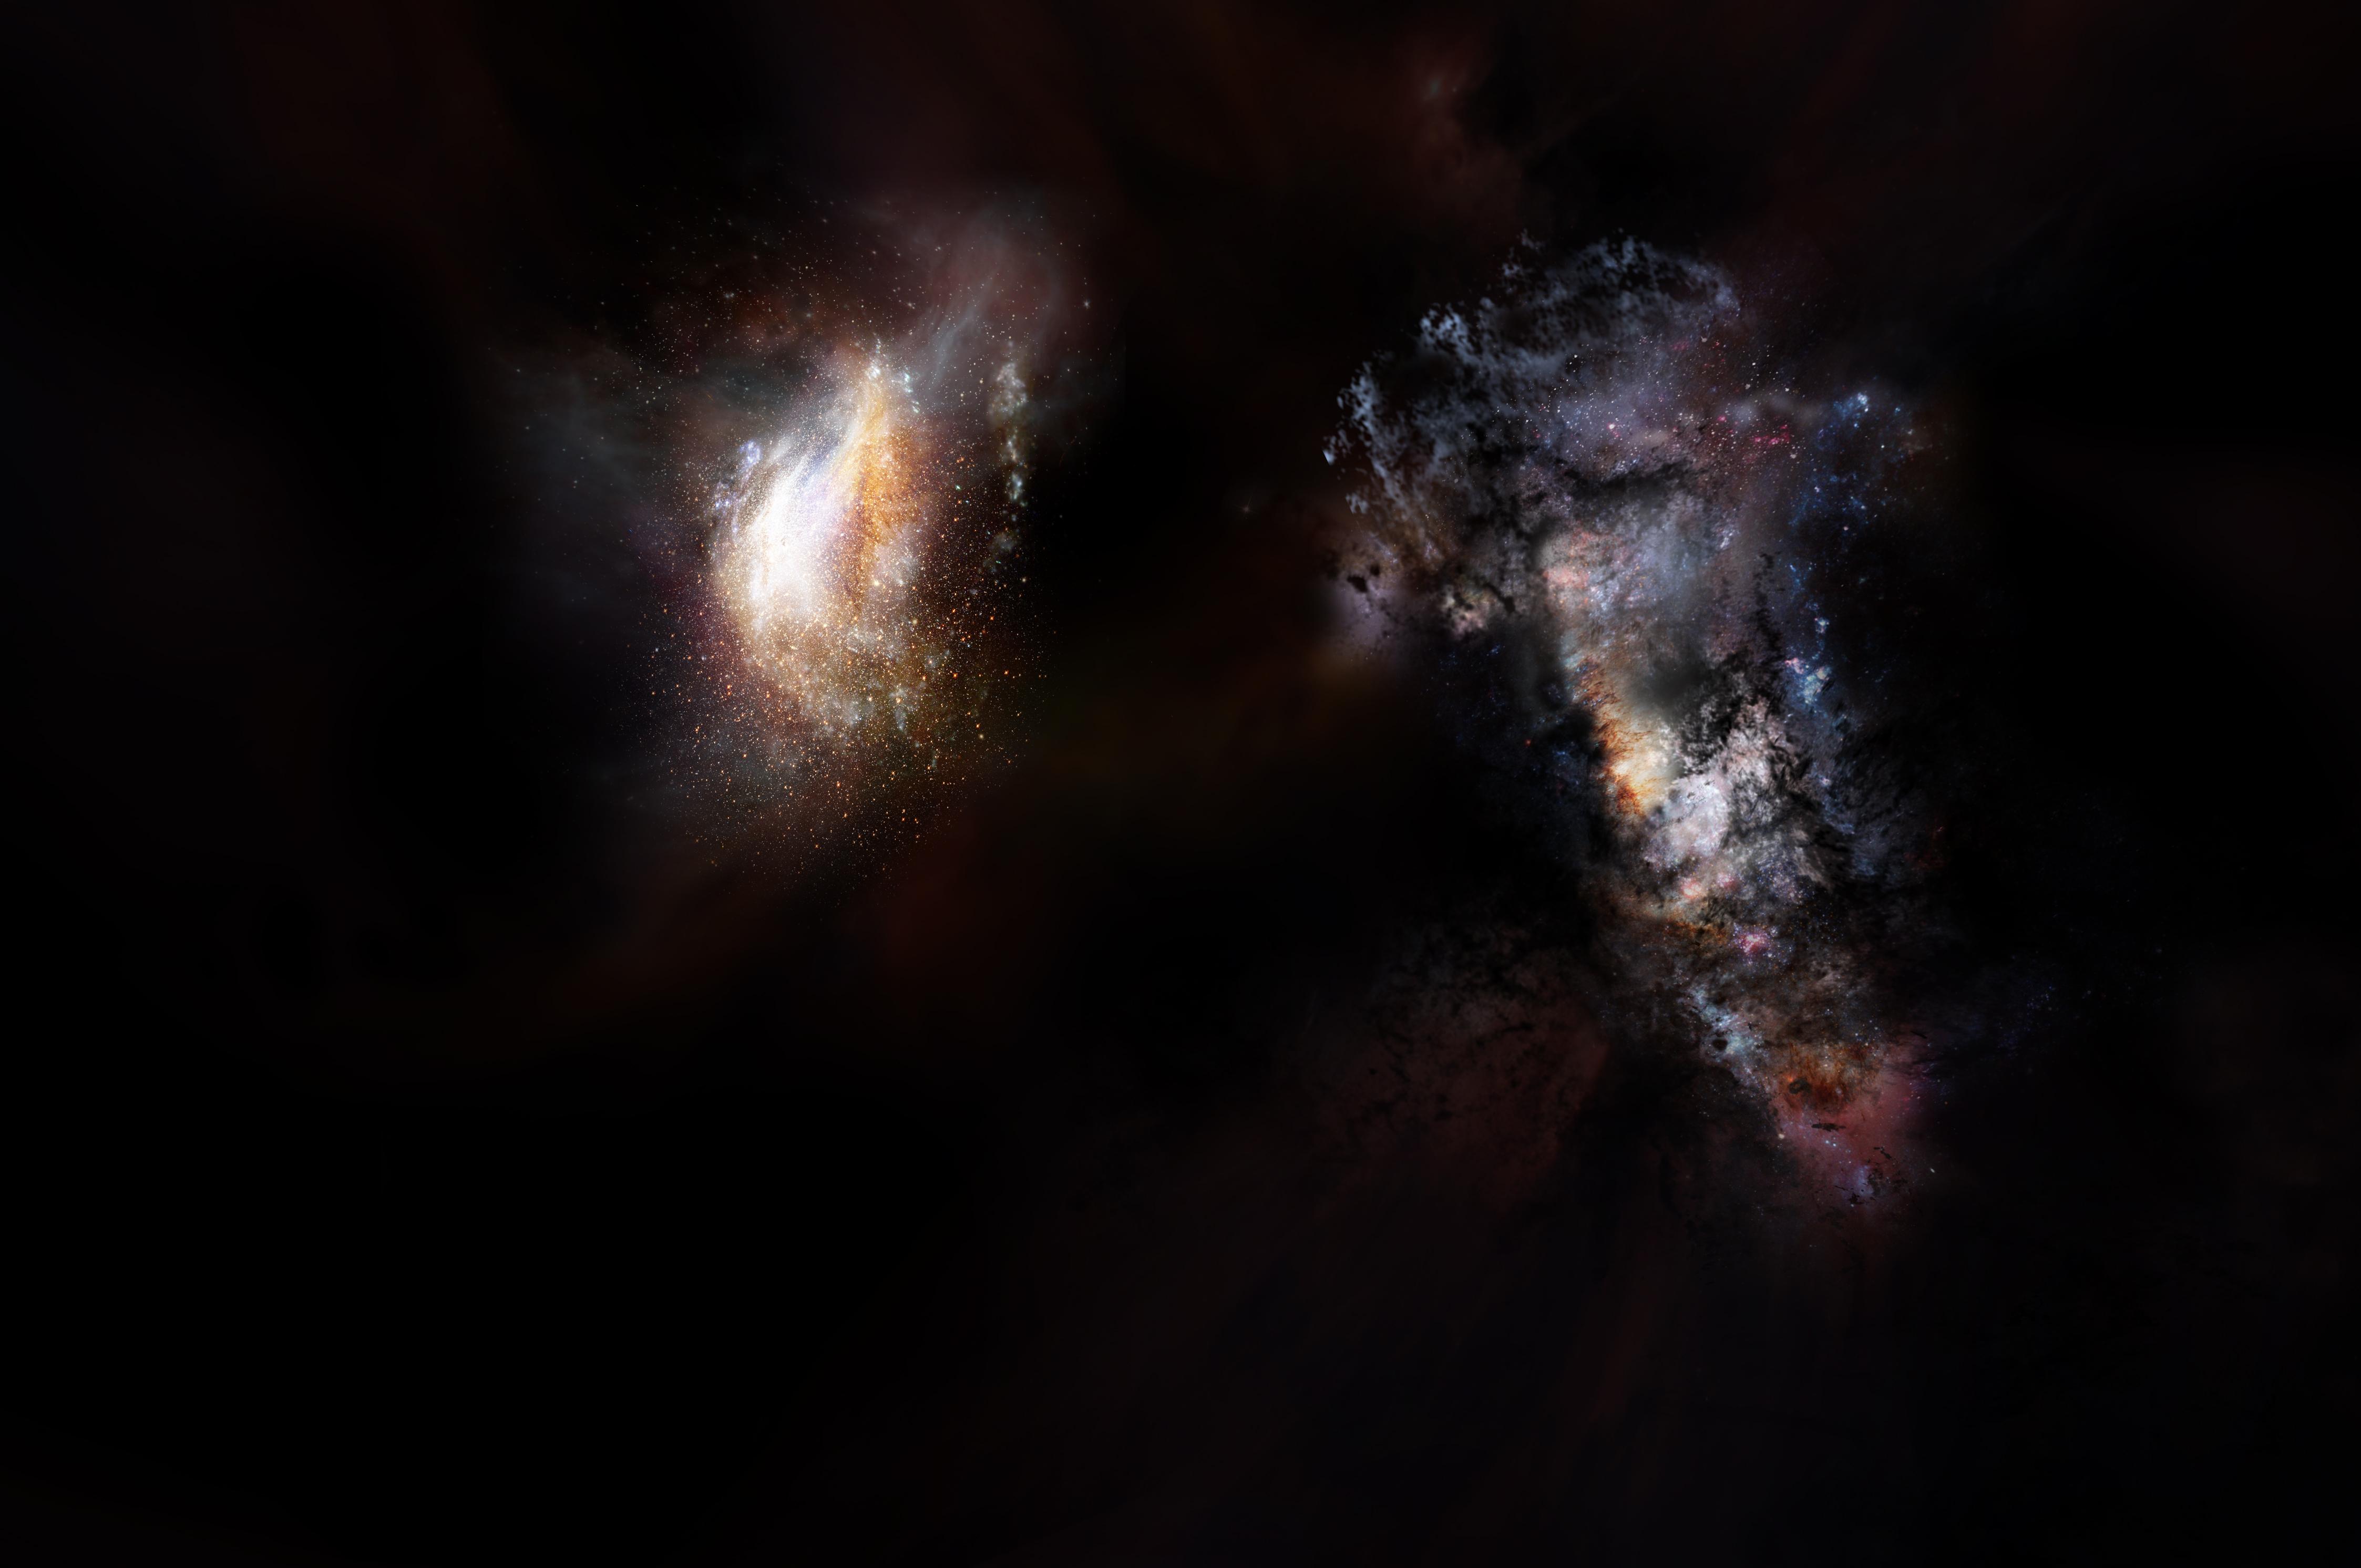 Descubren las galaxias más masivas conocidas en los primeros mil millones de años del universo